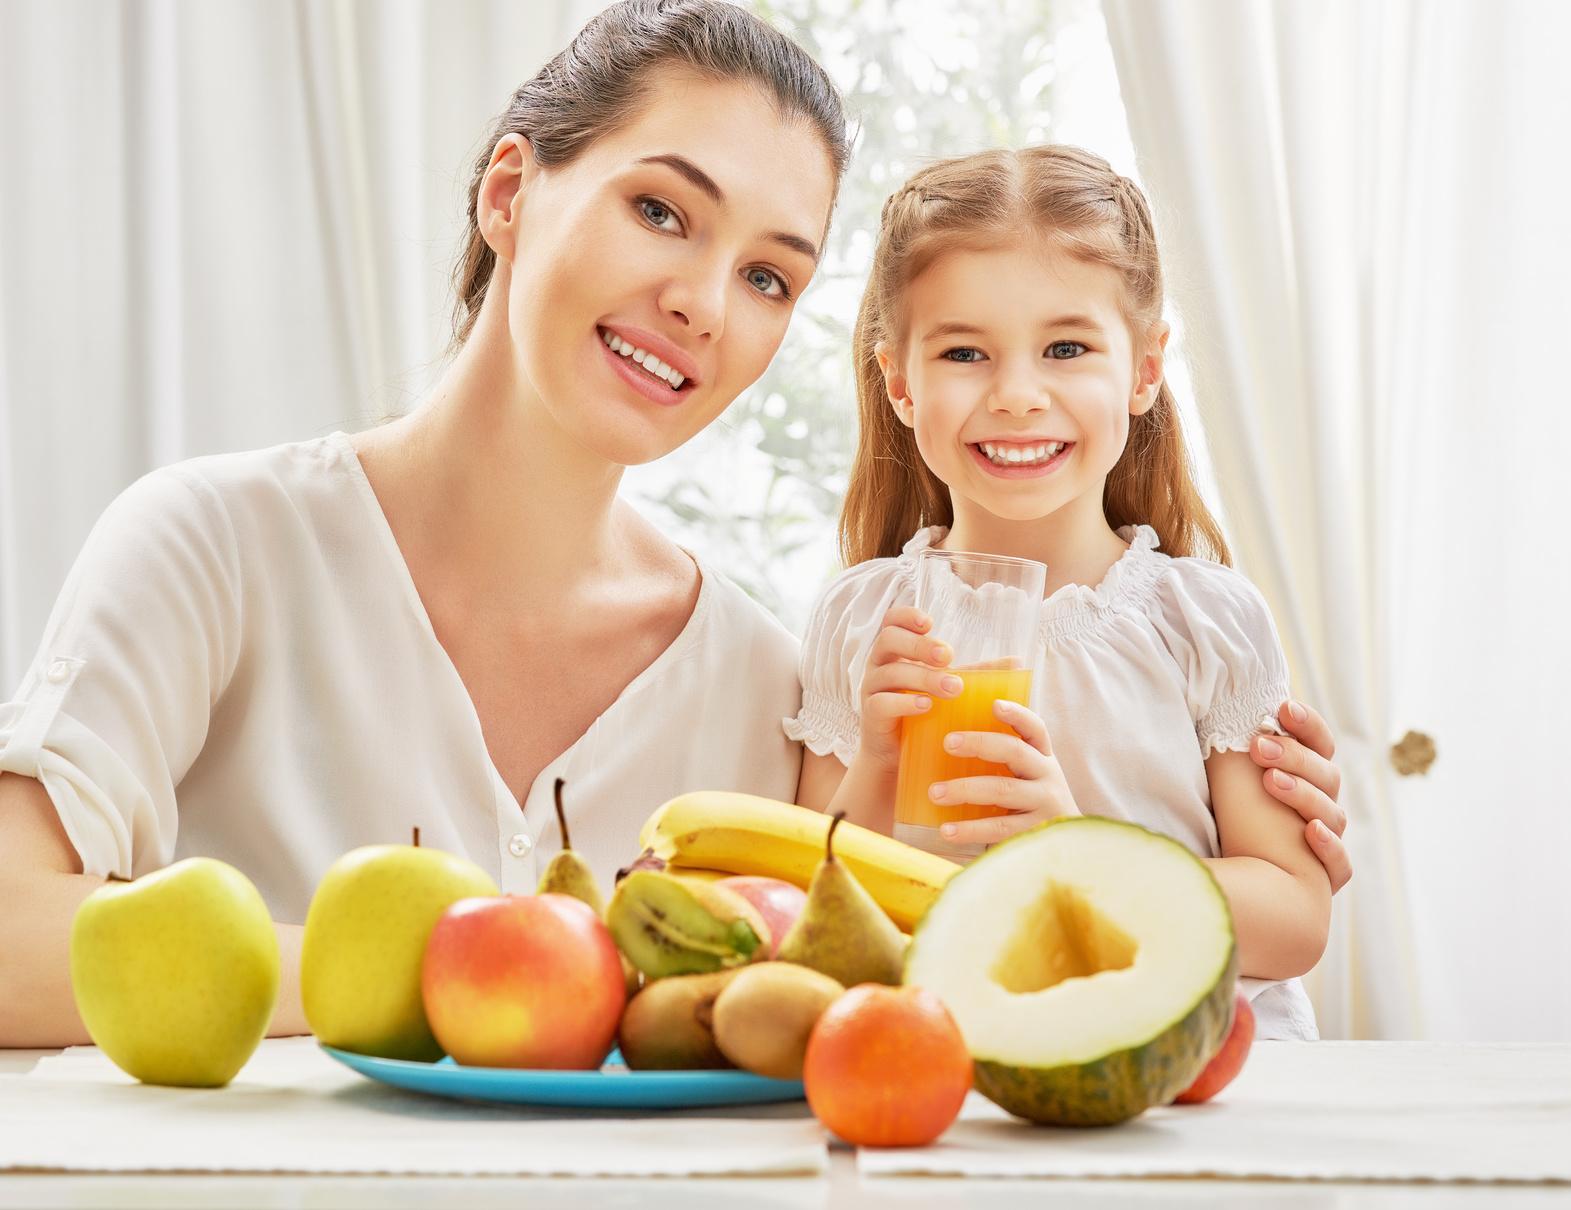 Zdrowe żywienie dzieci – różnorodność w diecie dziecka. Czym jest ...